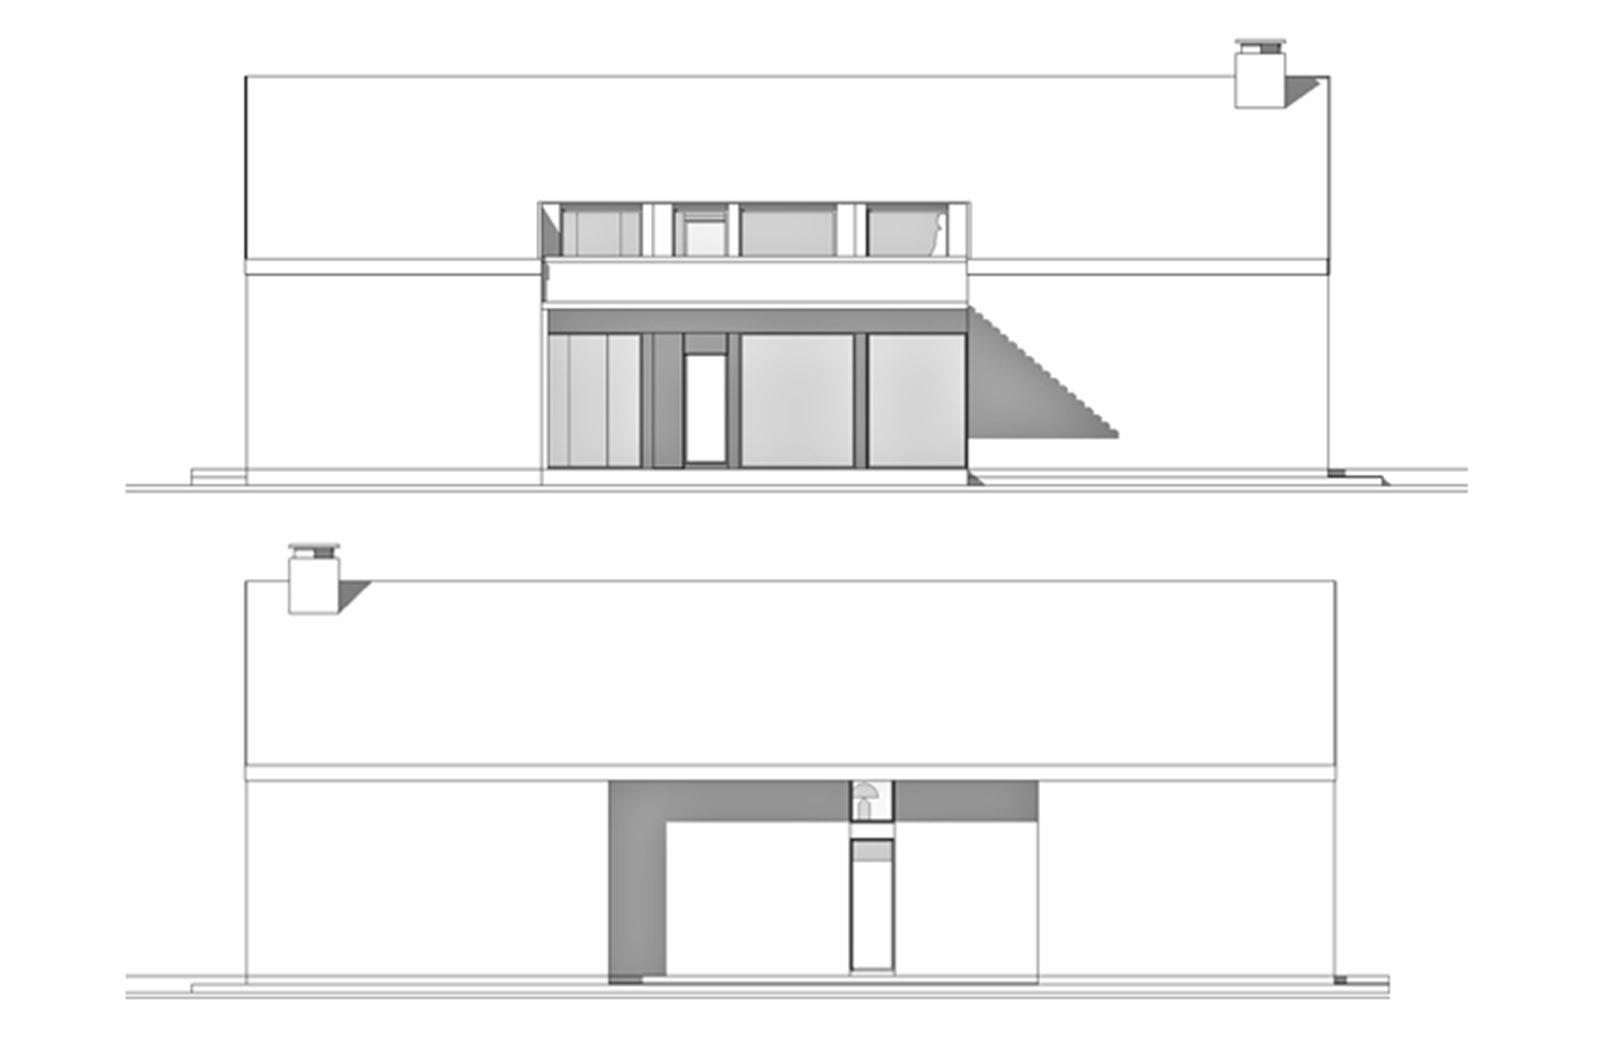 V212_Casa_in_legno_xlam_prosp3-1600